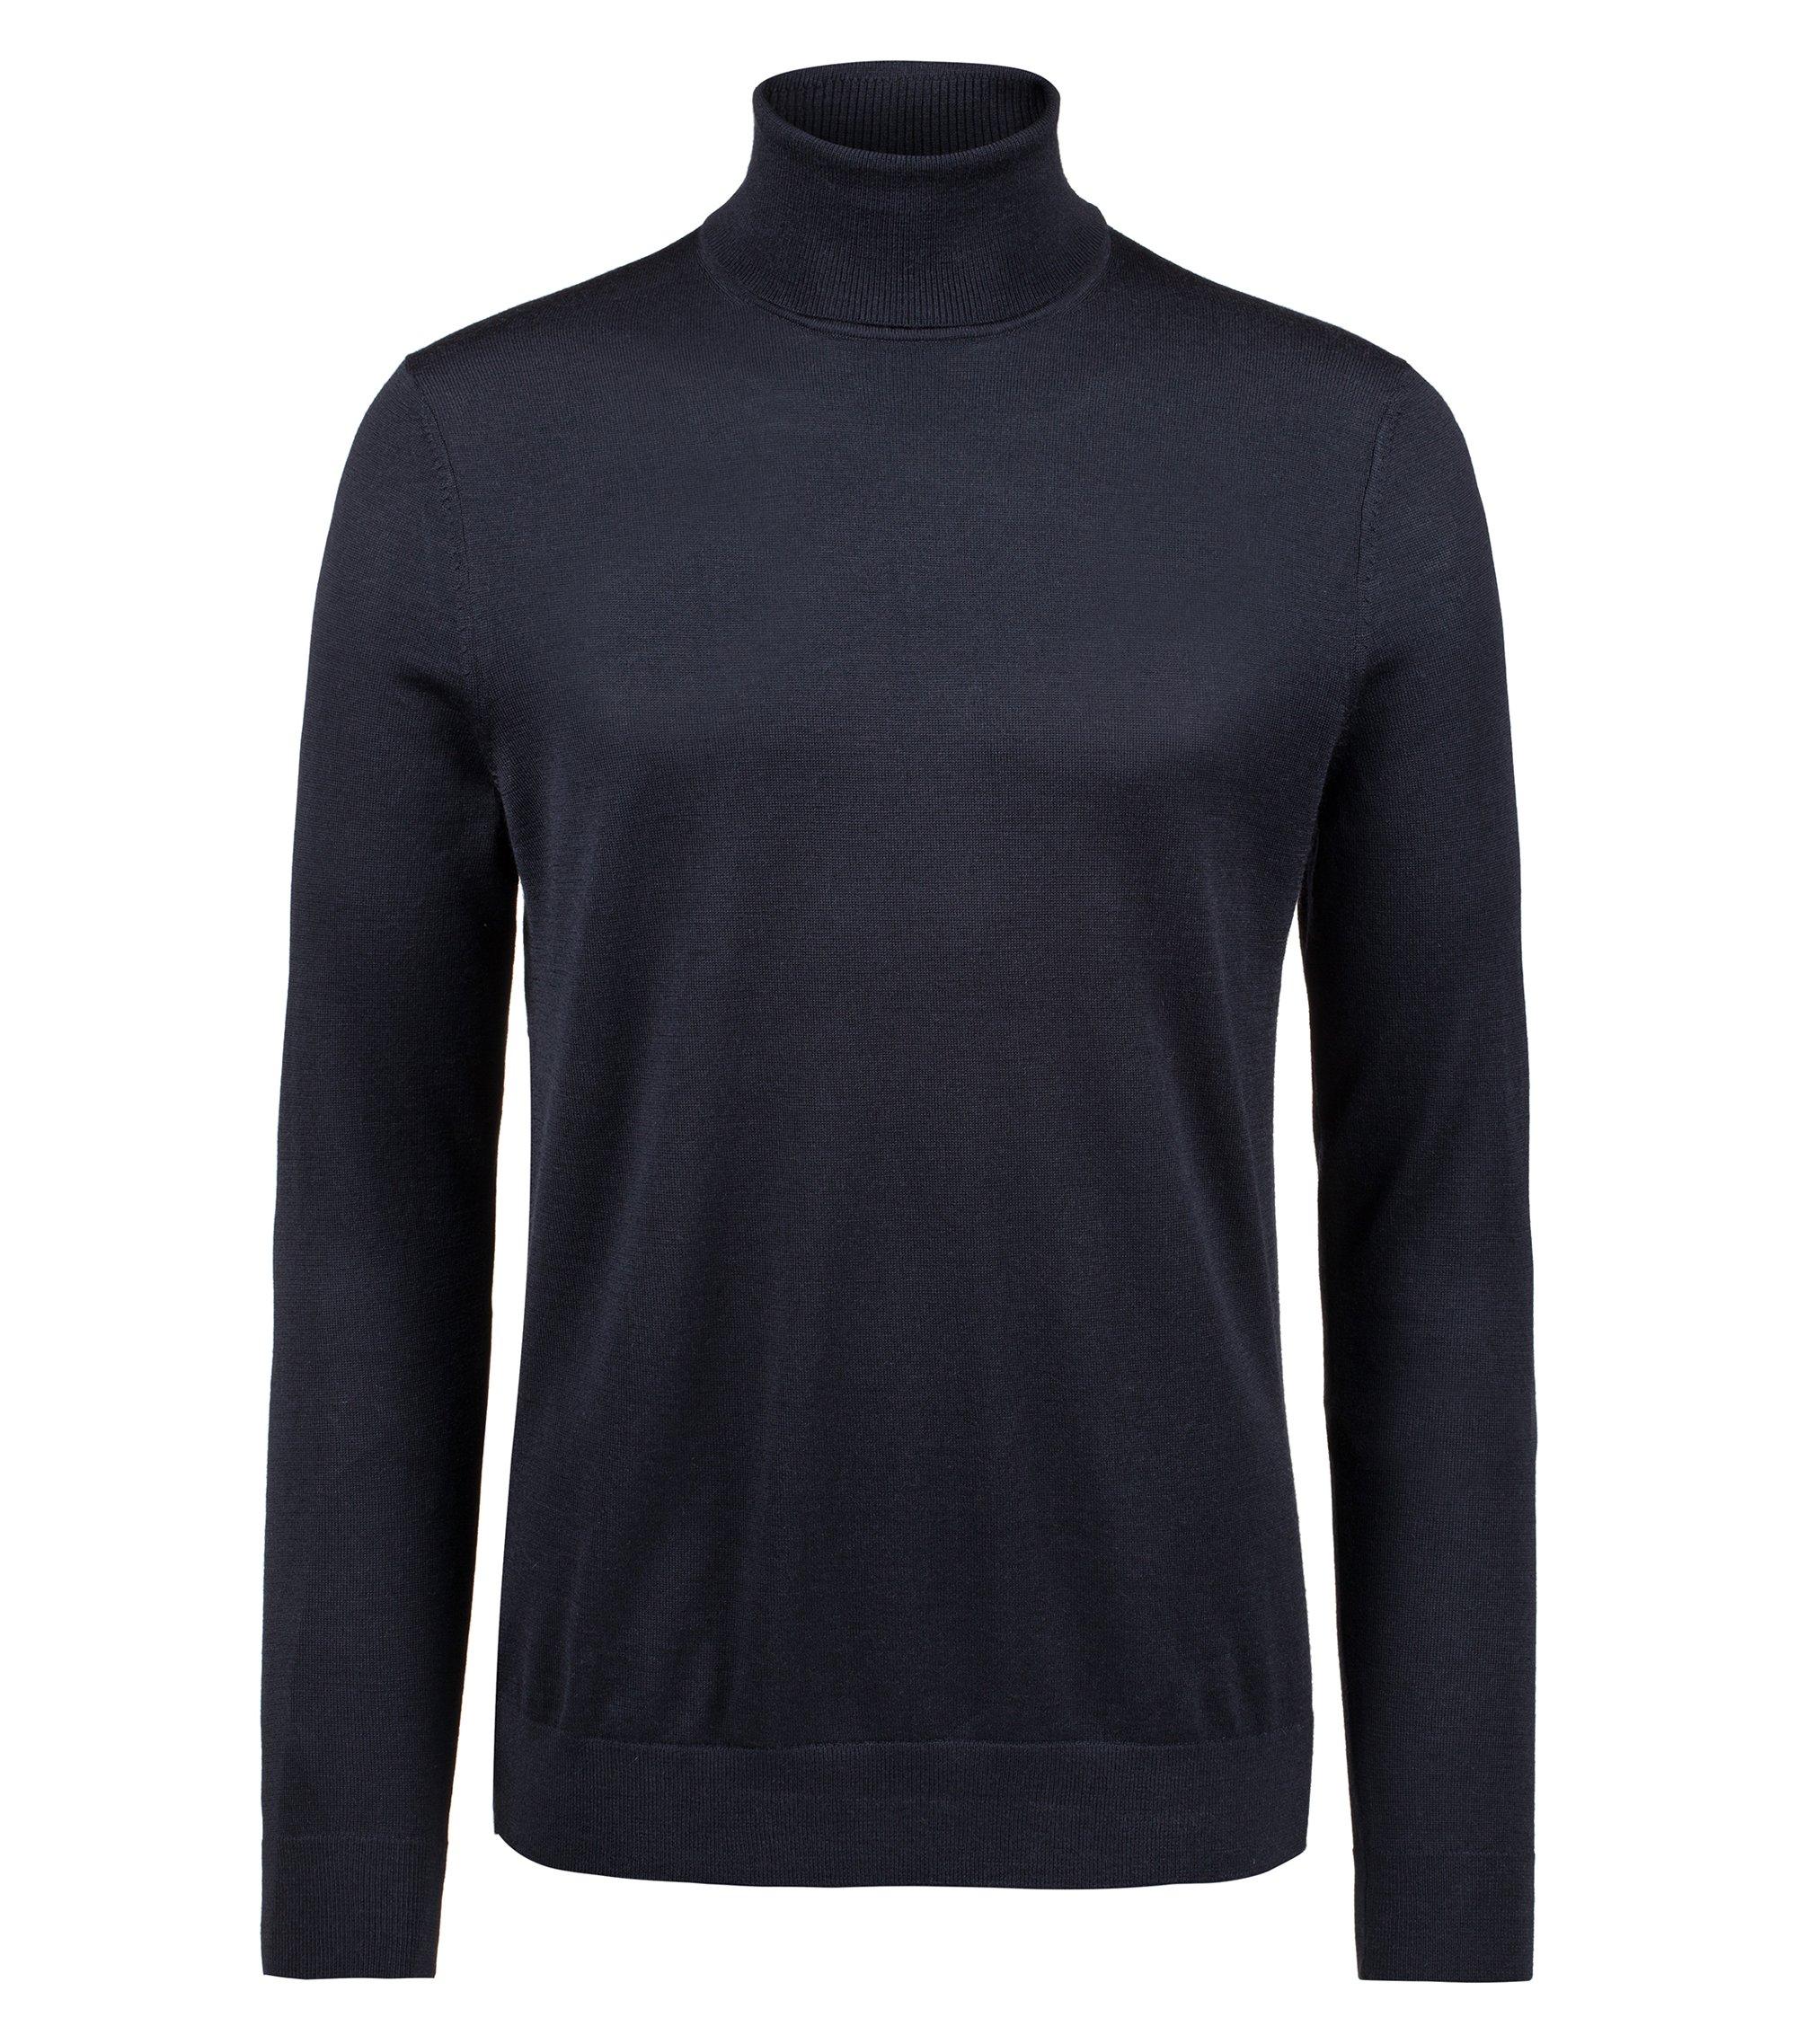 Maglione con colletto a tartaruga in misto di lana merino, Blu scuro